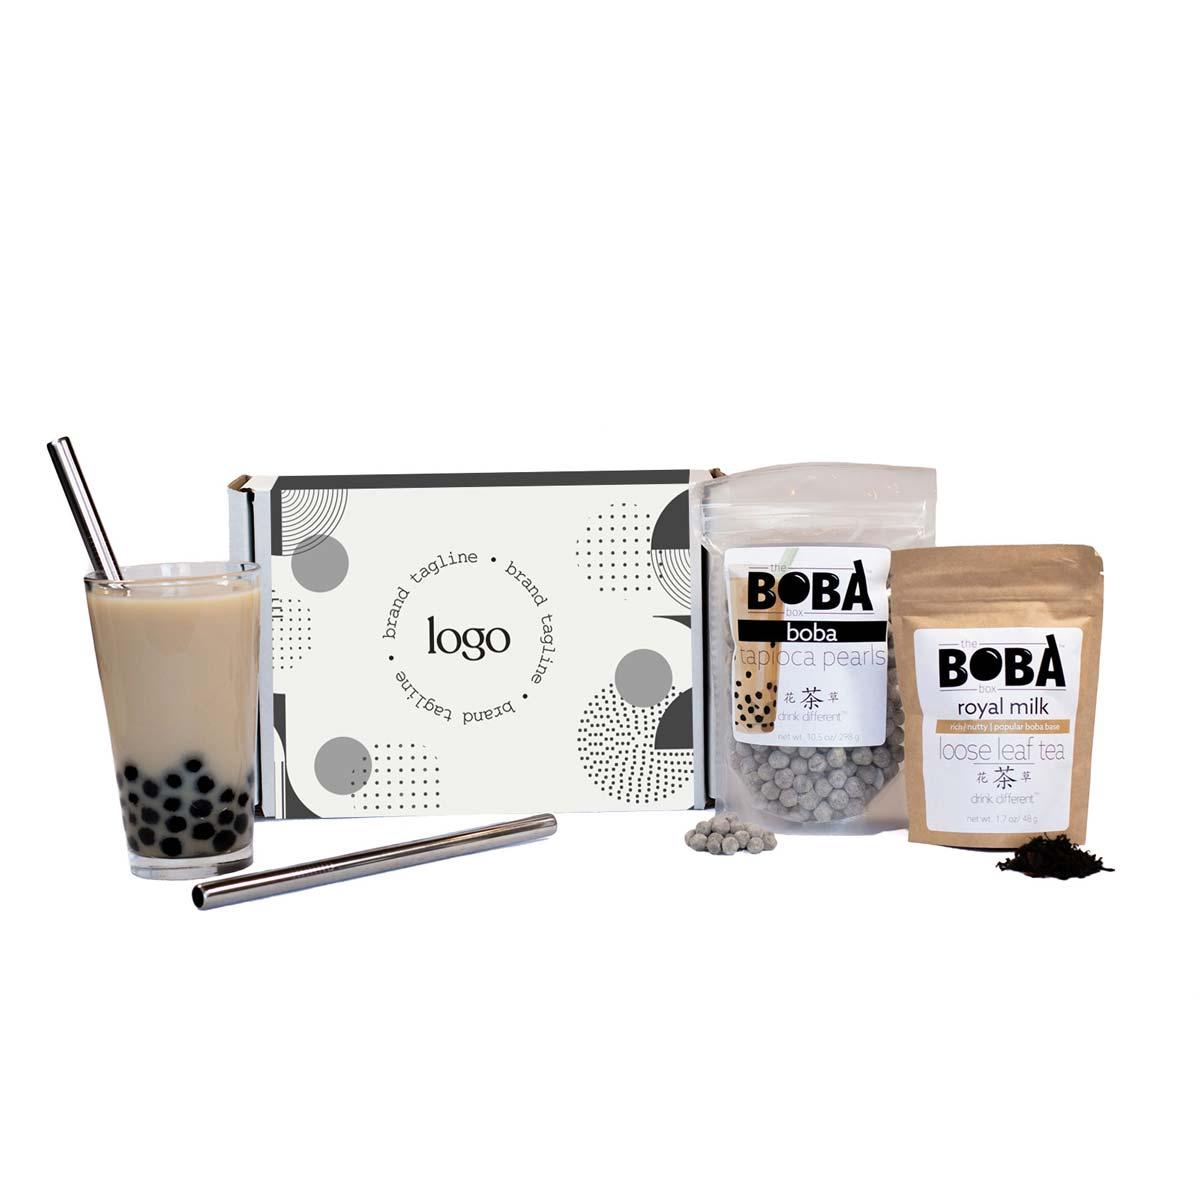 302255 bubble tea kit full color box sleeve